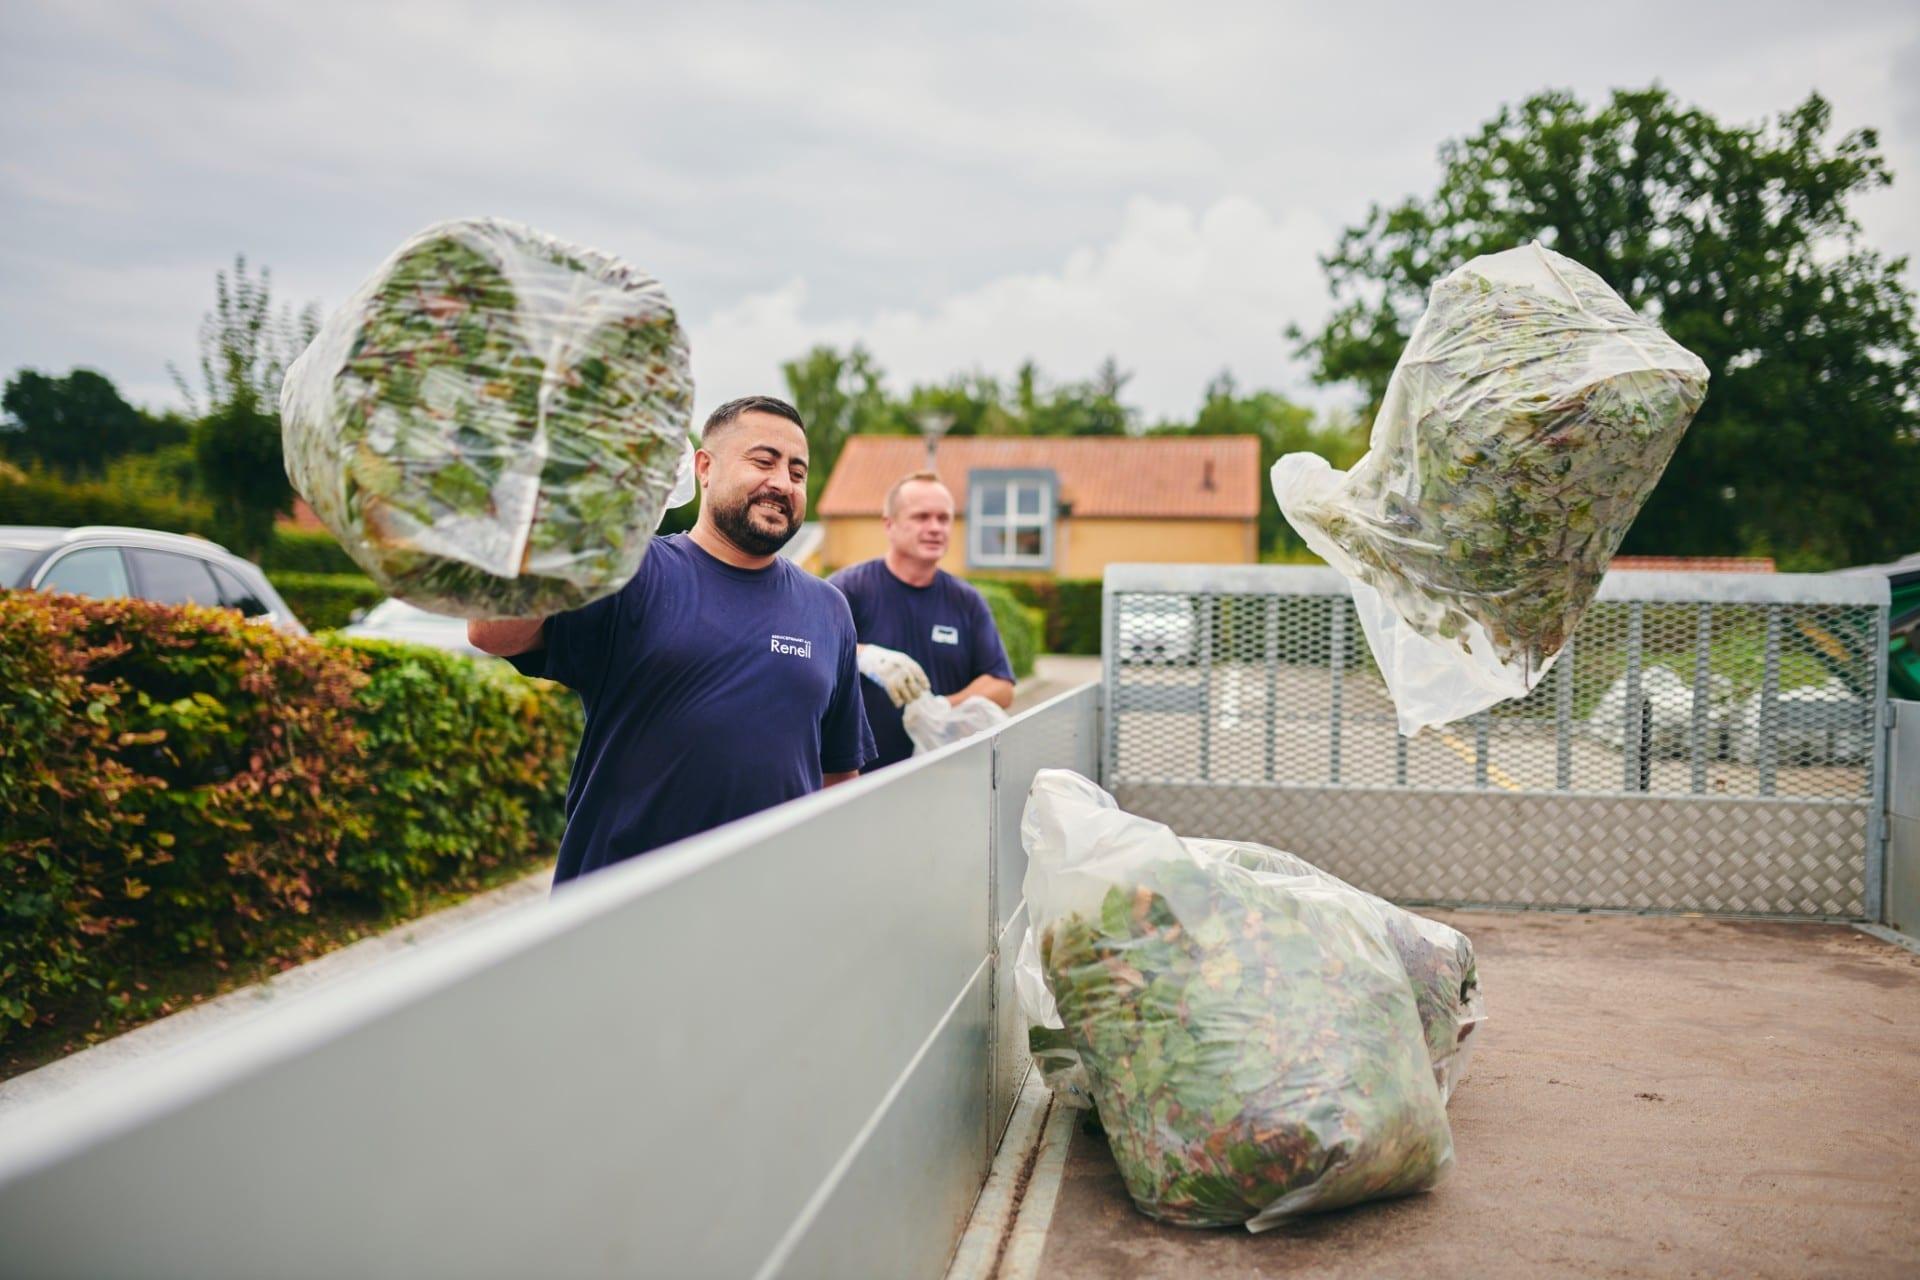 Renell-havemand rydder op efter havearbejde